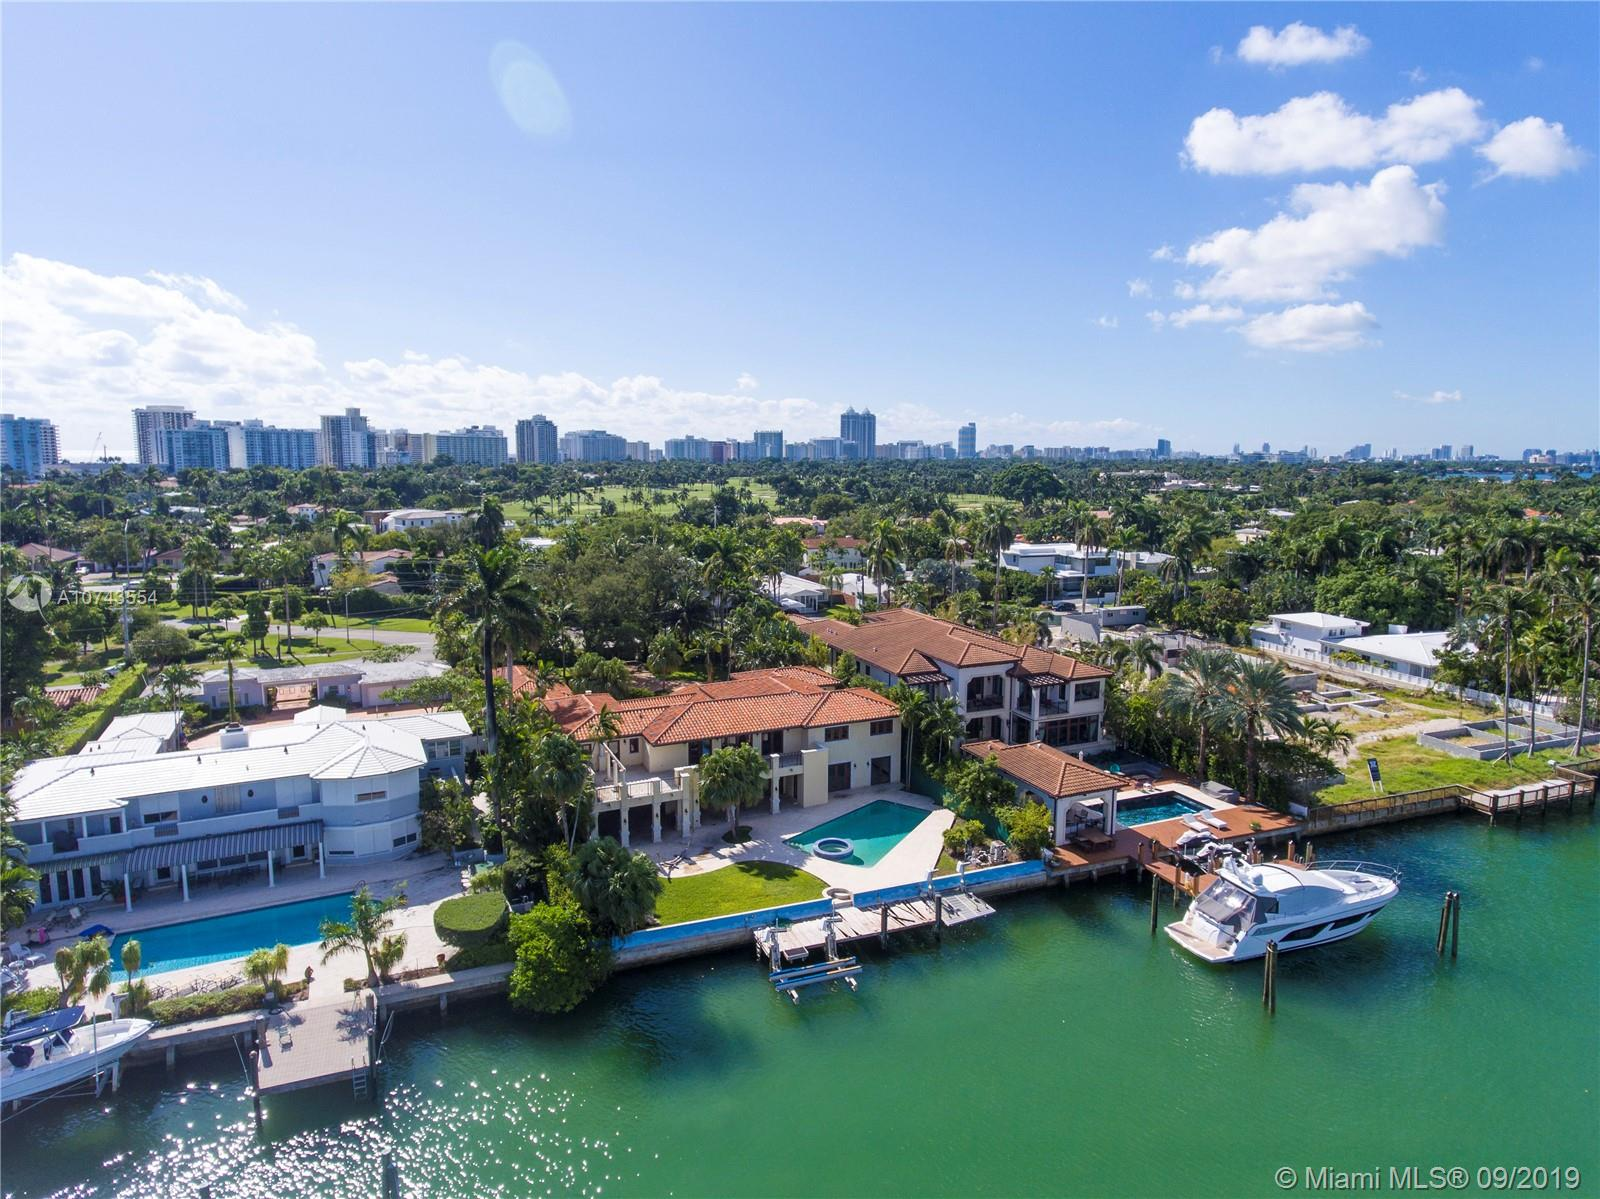 6300 N Bay Rd, Miami Beach, FL 33141